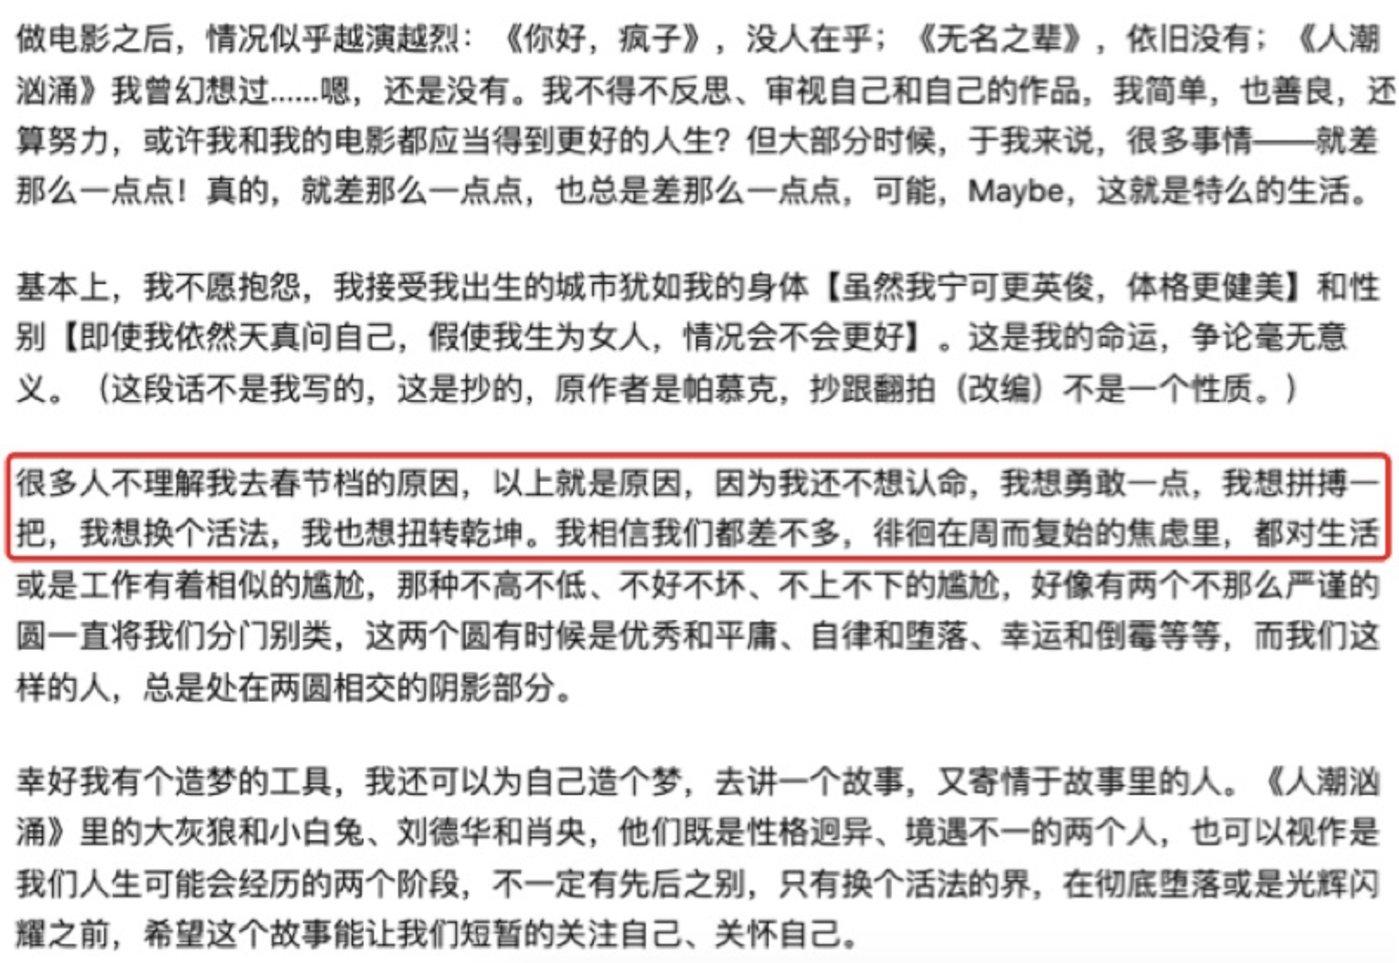 《人潮汹涌》导演饶晓志的知乎回答